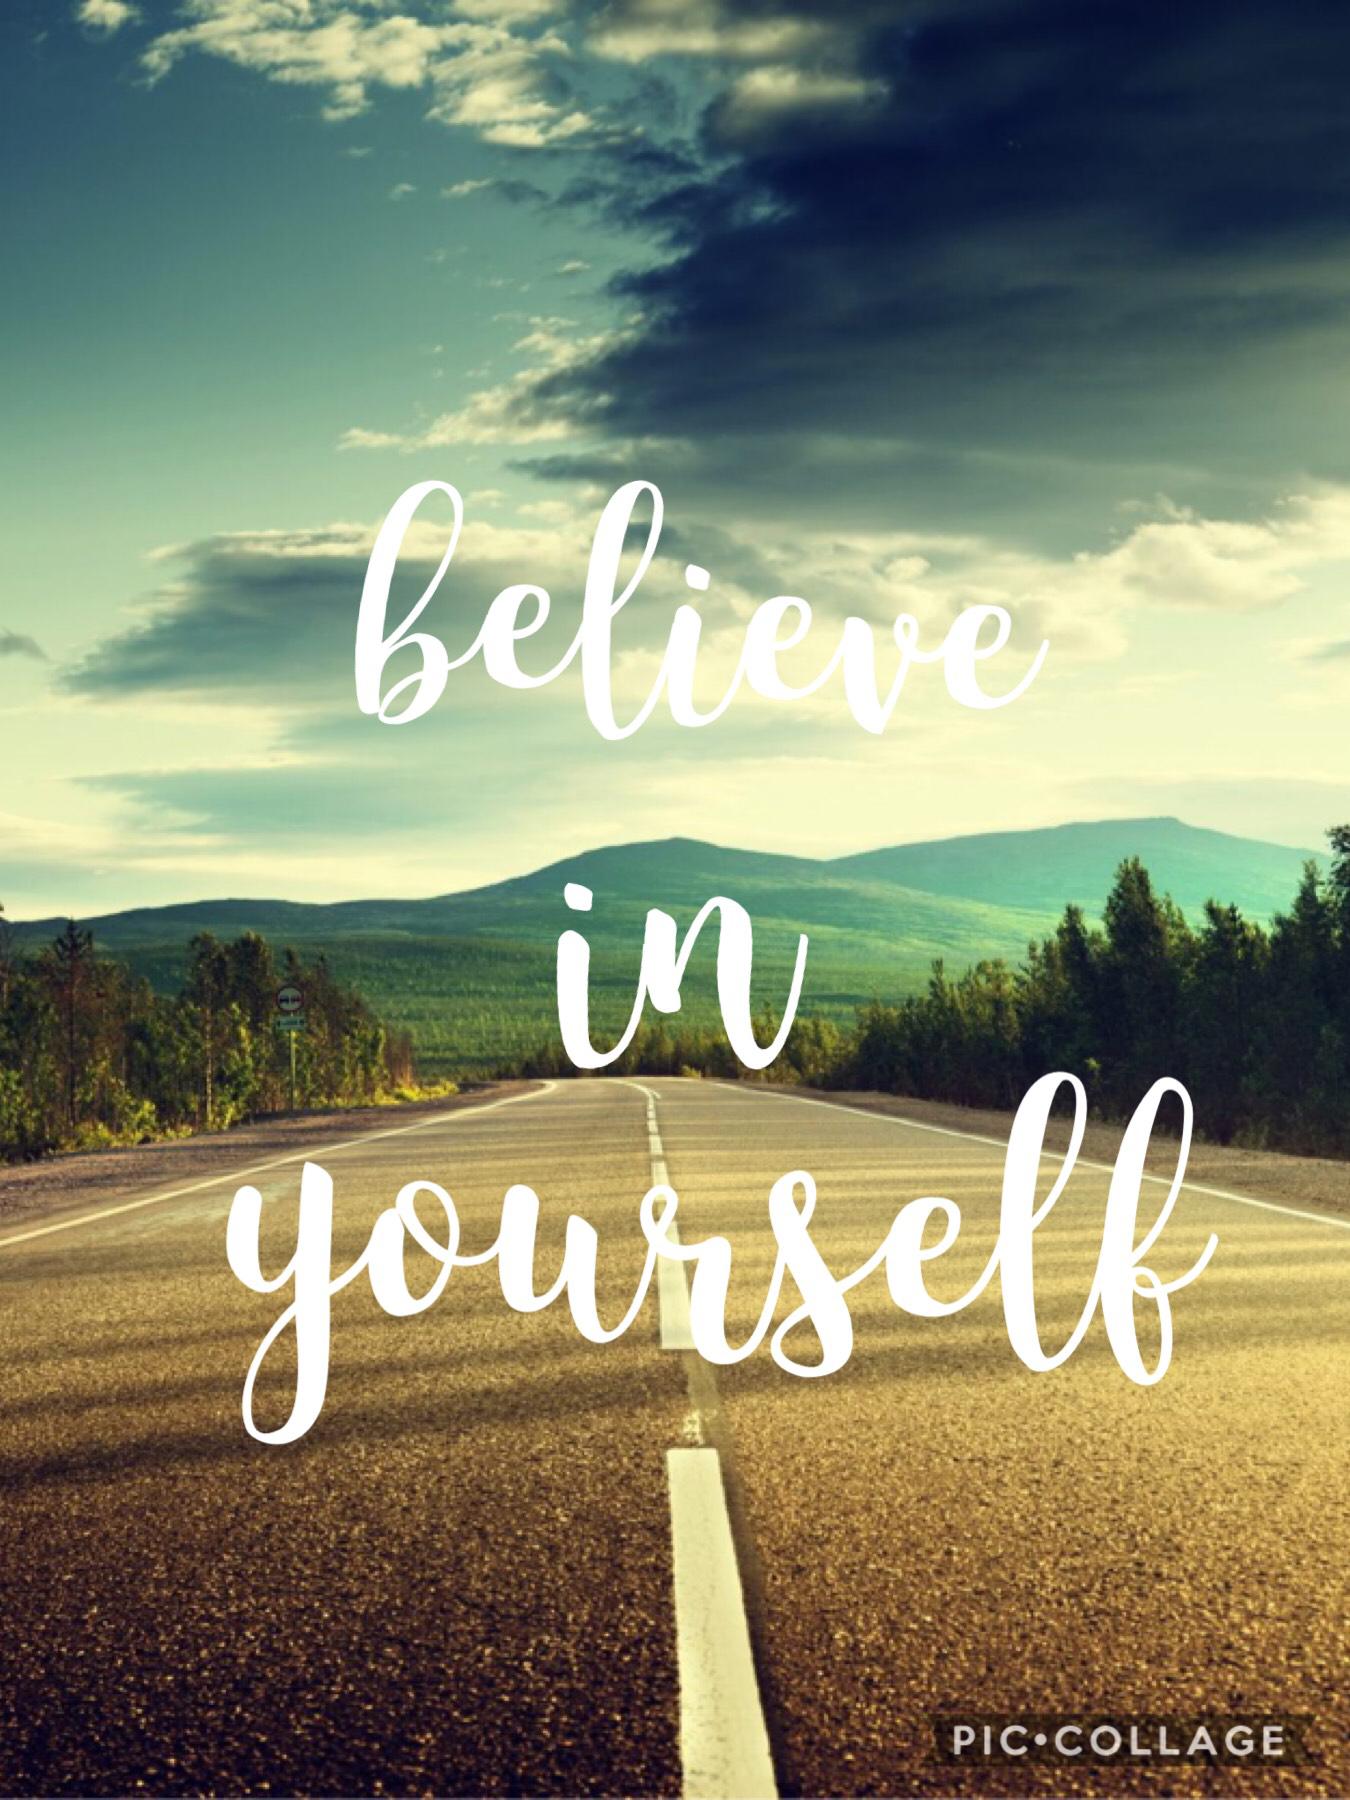 Believe in yourself!! Plz follow me!!